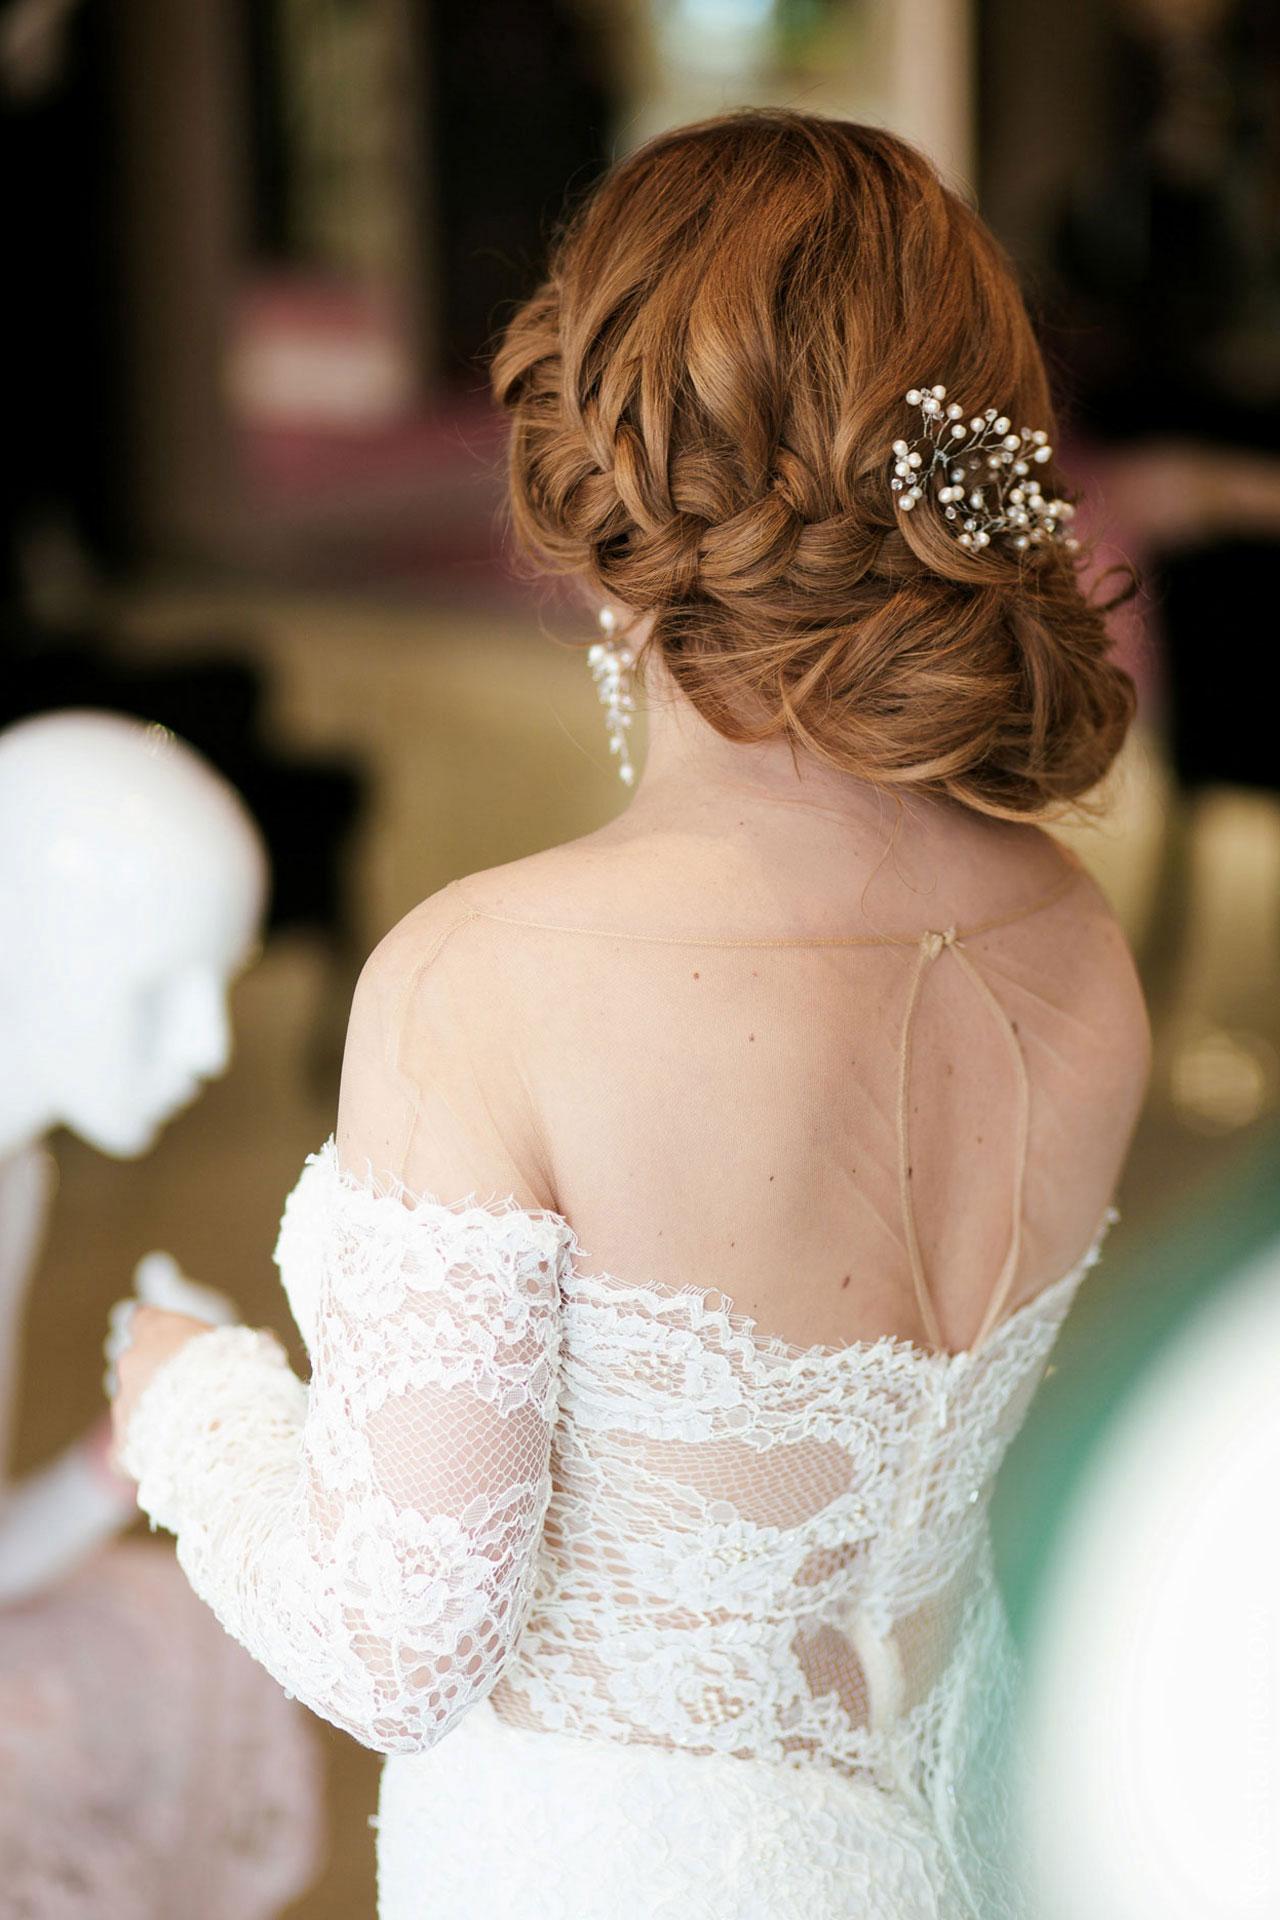 Анастасия Денисова выбирает образ для своей свадьбы фото 27